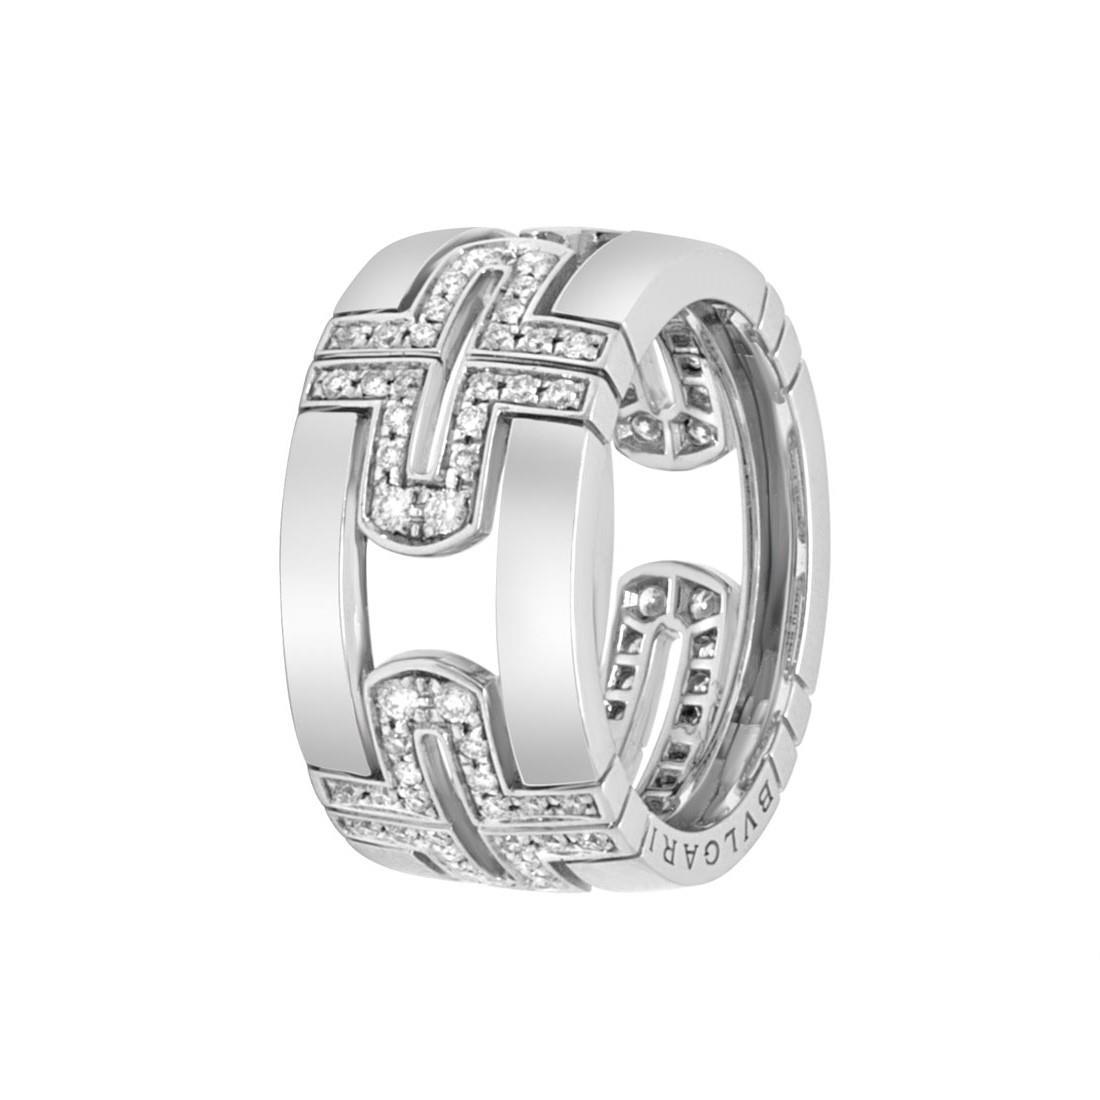 Anello in oro bianco con pavè di diamanti mis 18 - BULGARI